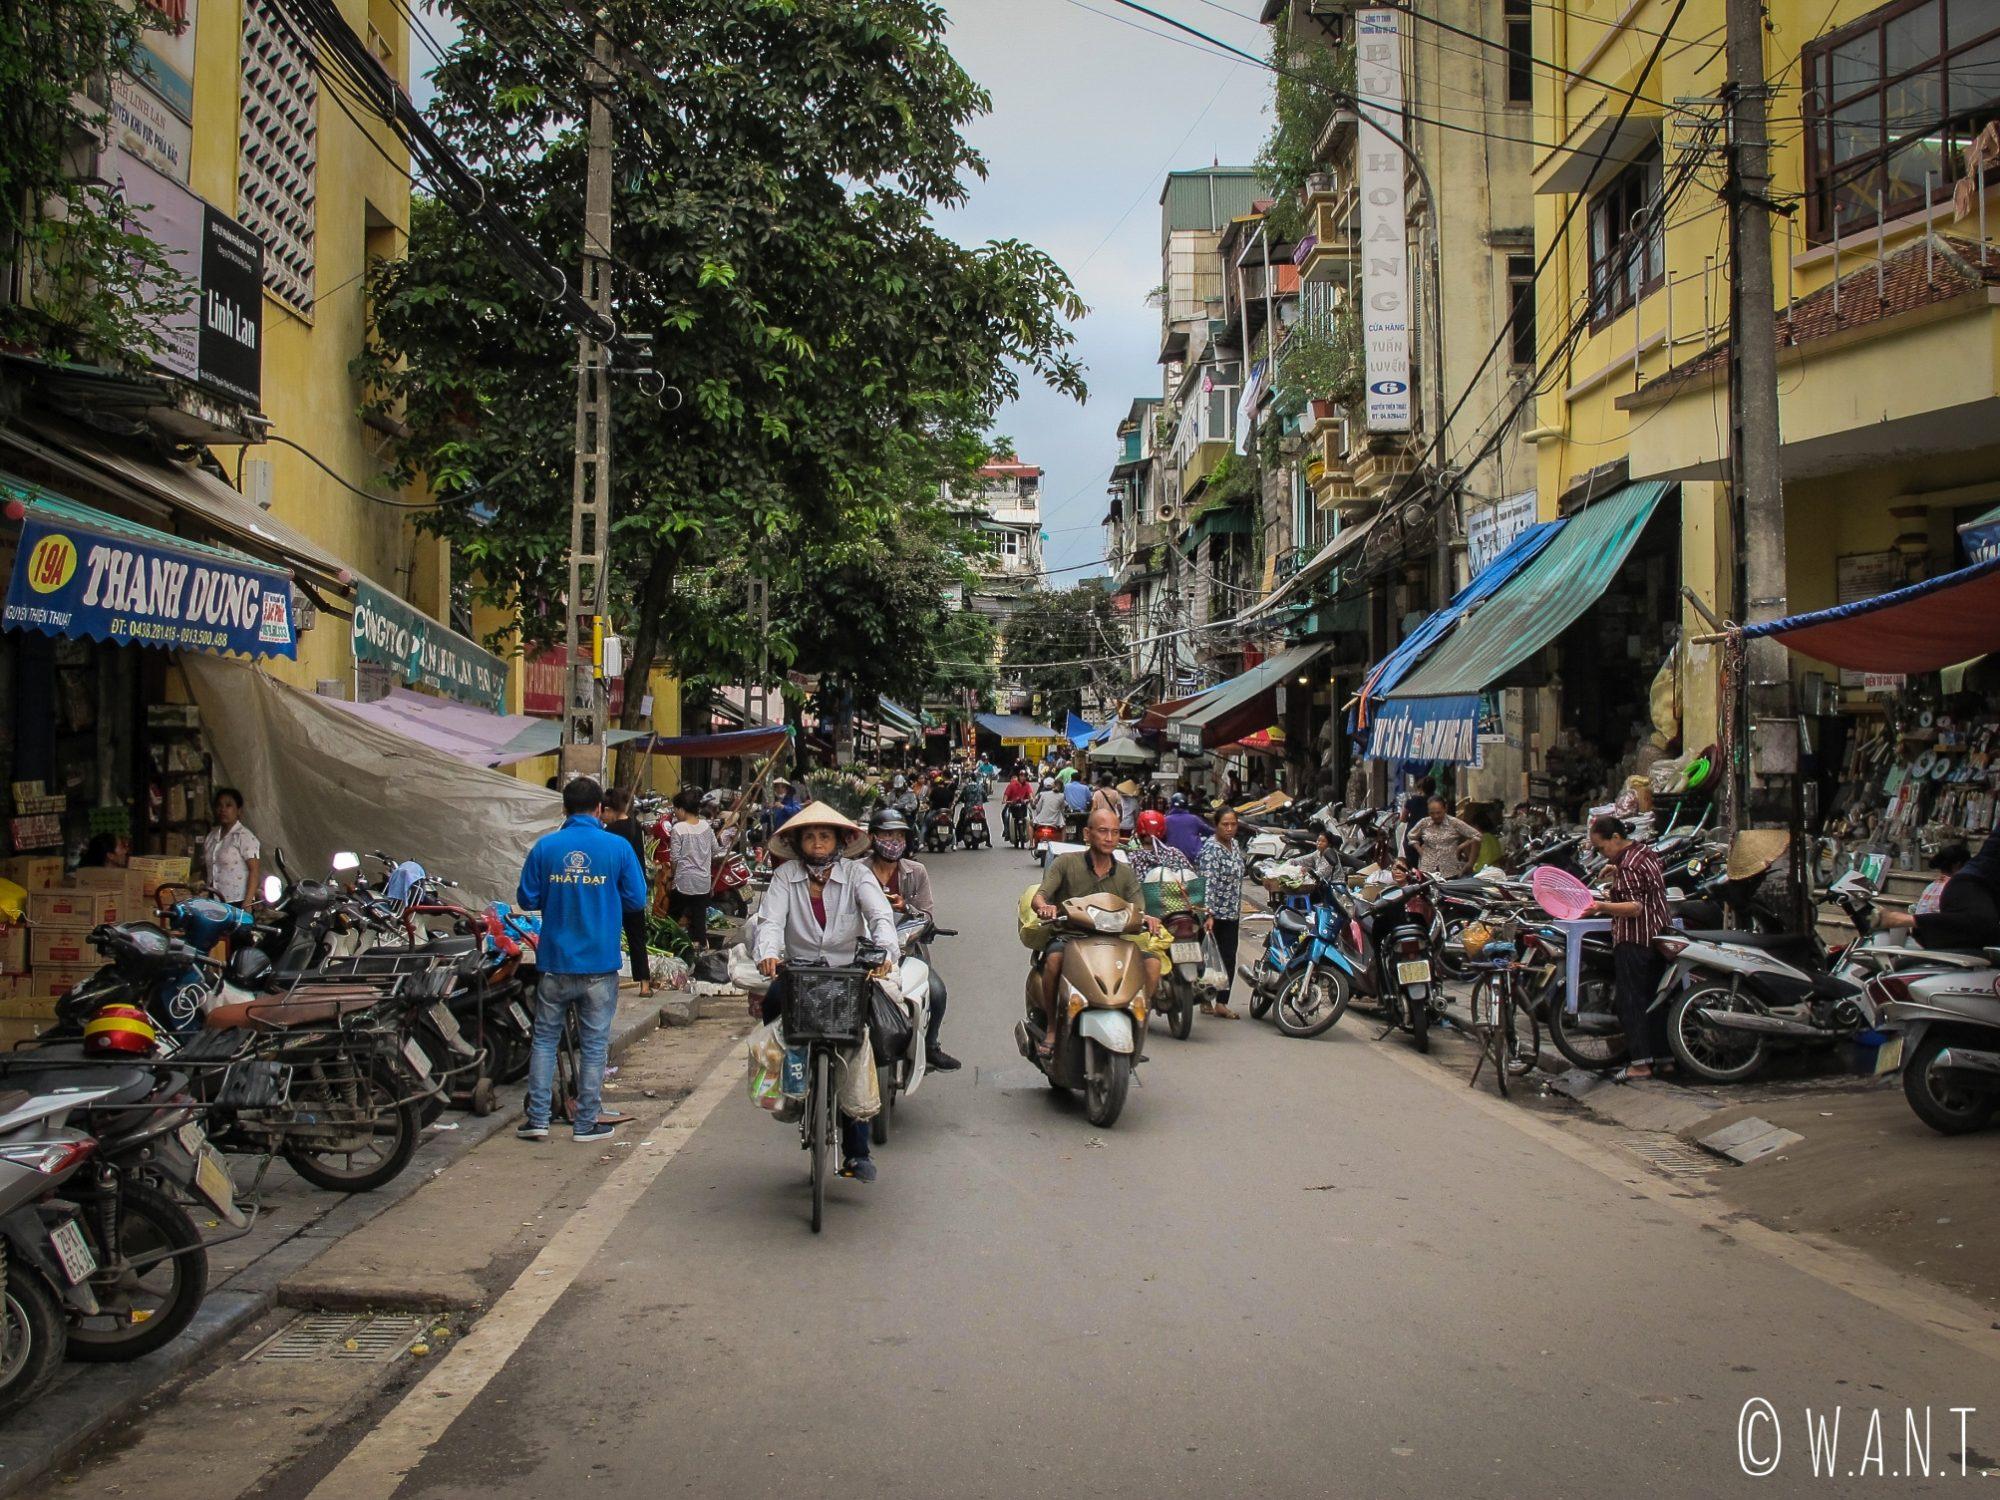 Rue fréquentée de la vieille ville de Hanoï